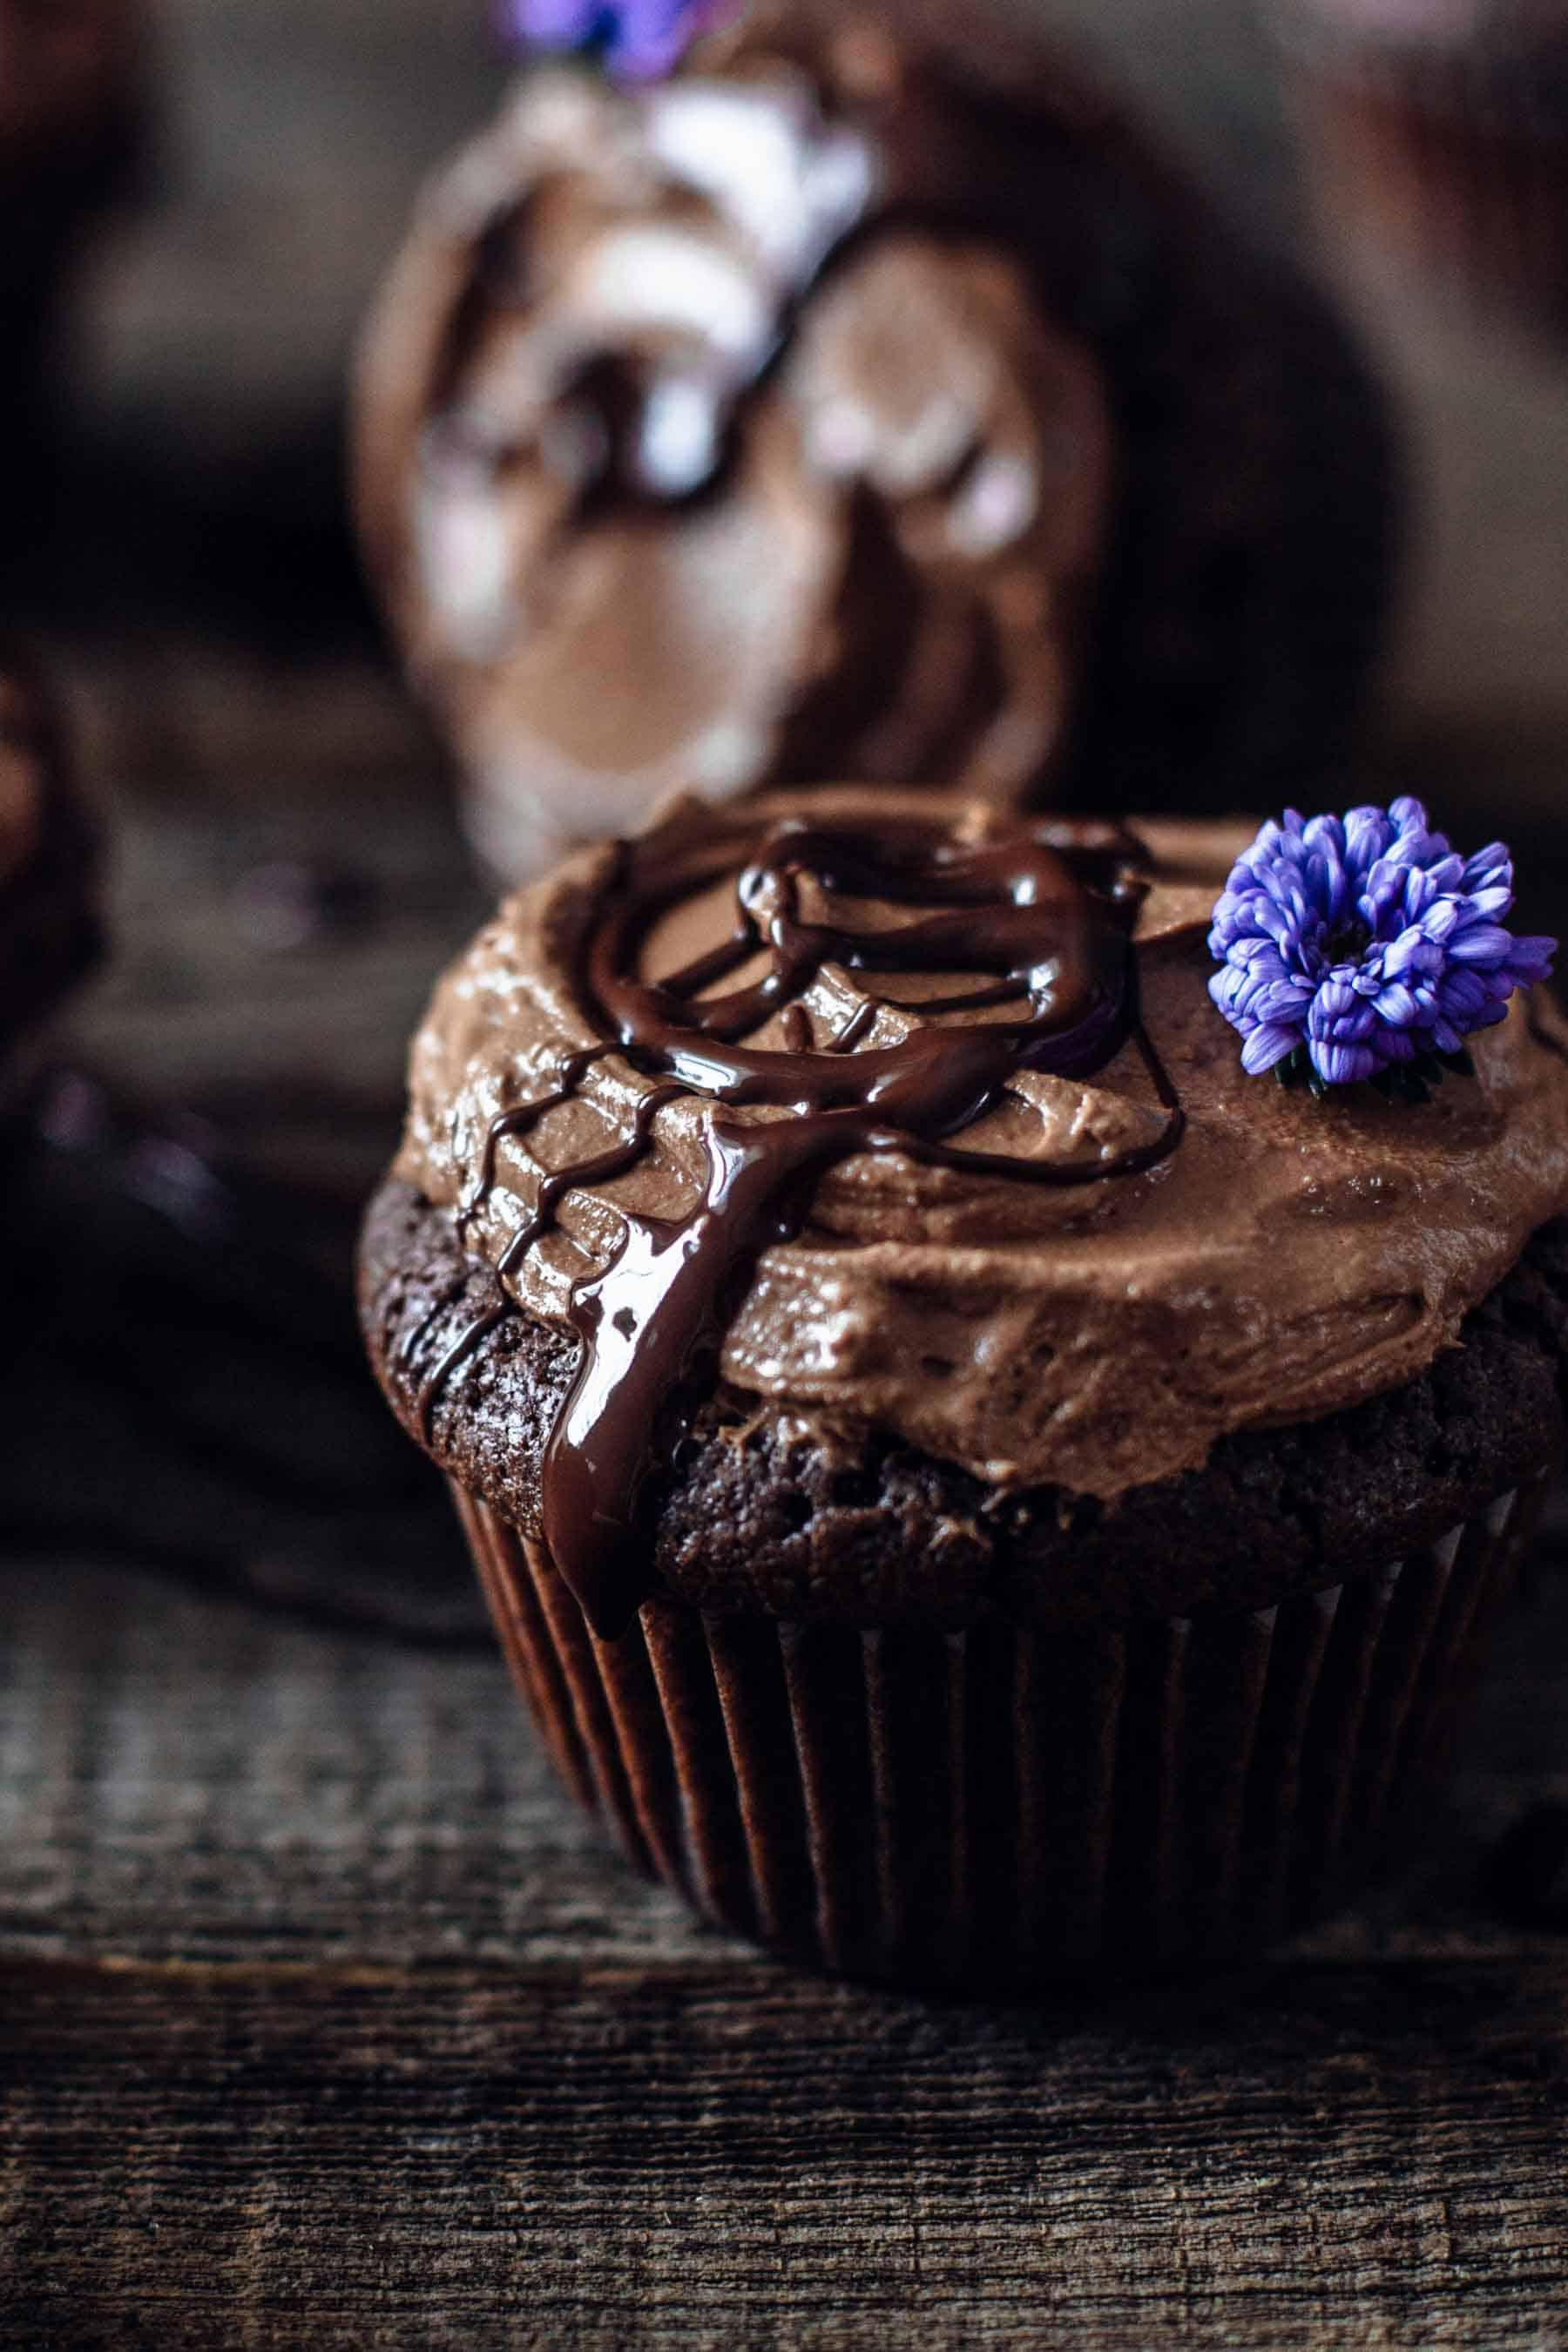 15. Fudgy Brownie Cupcakes